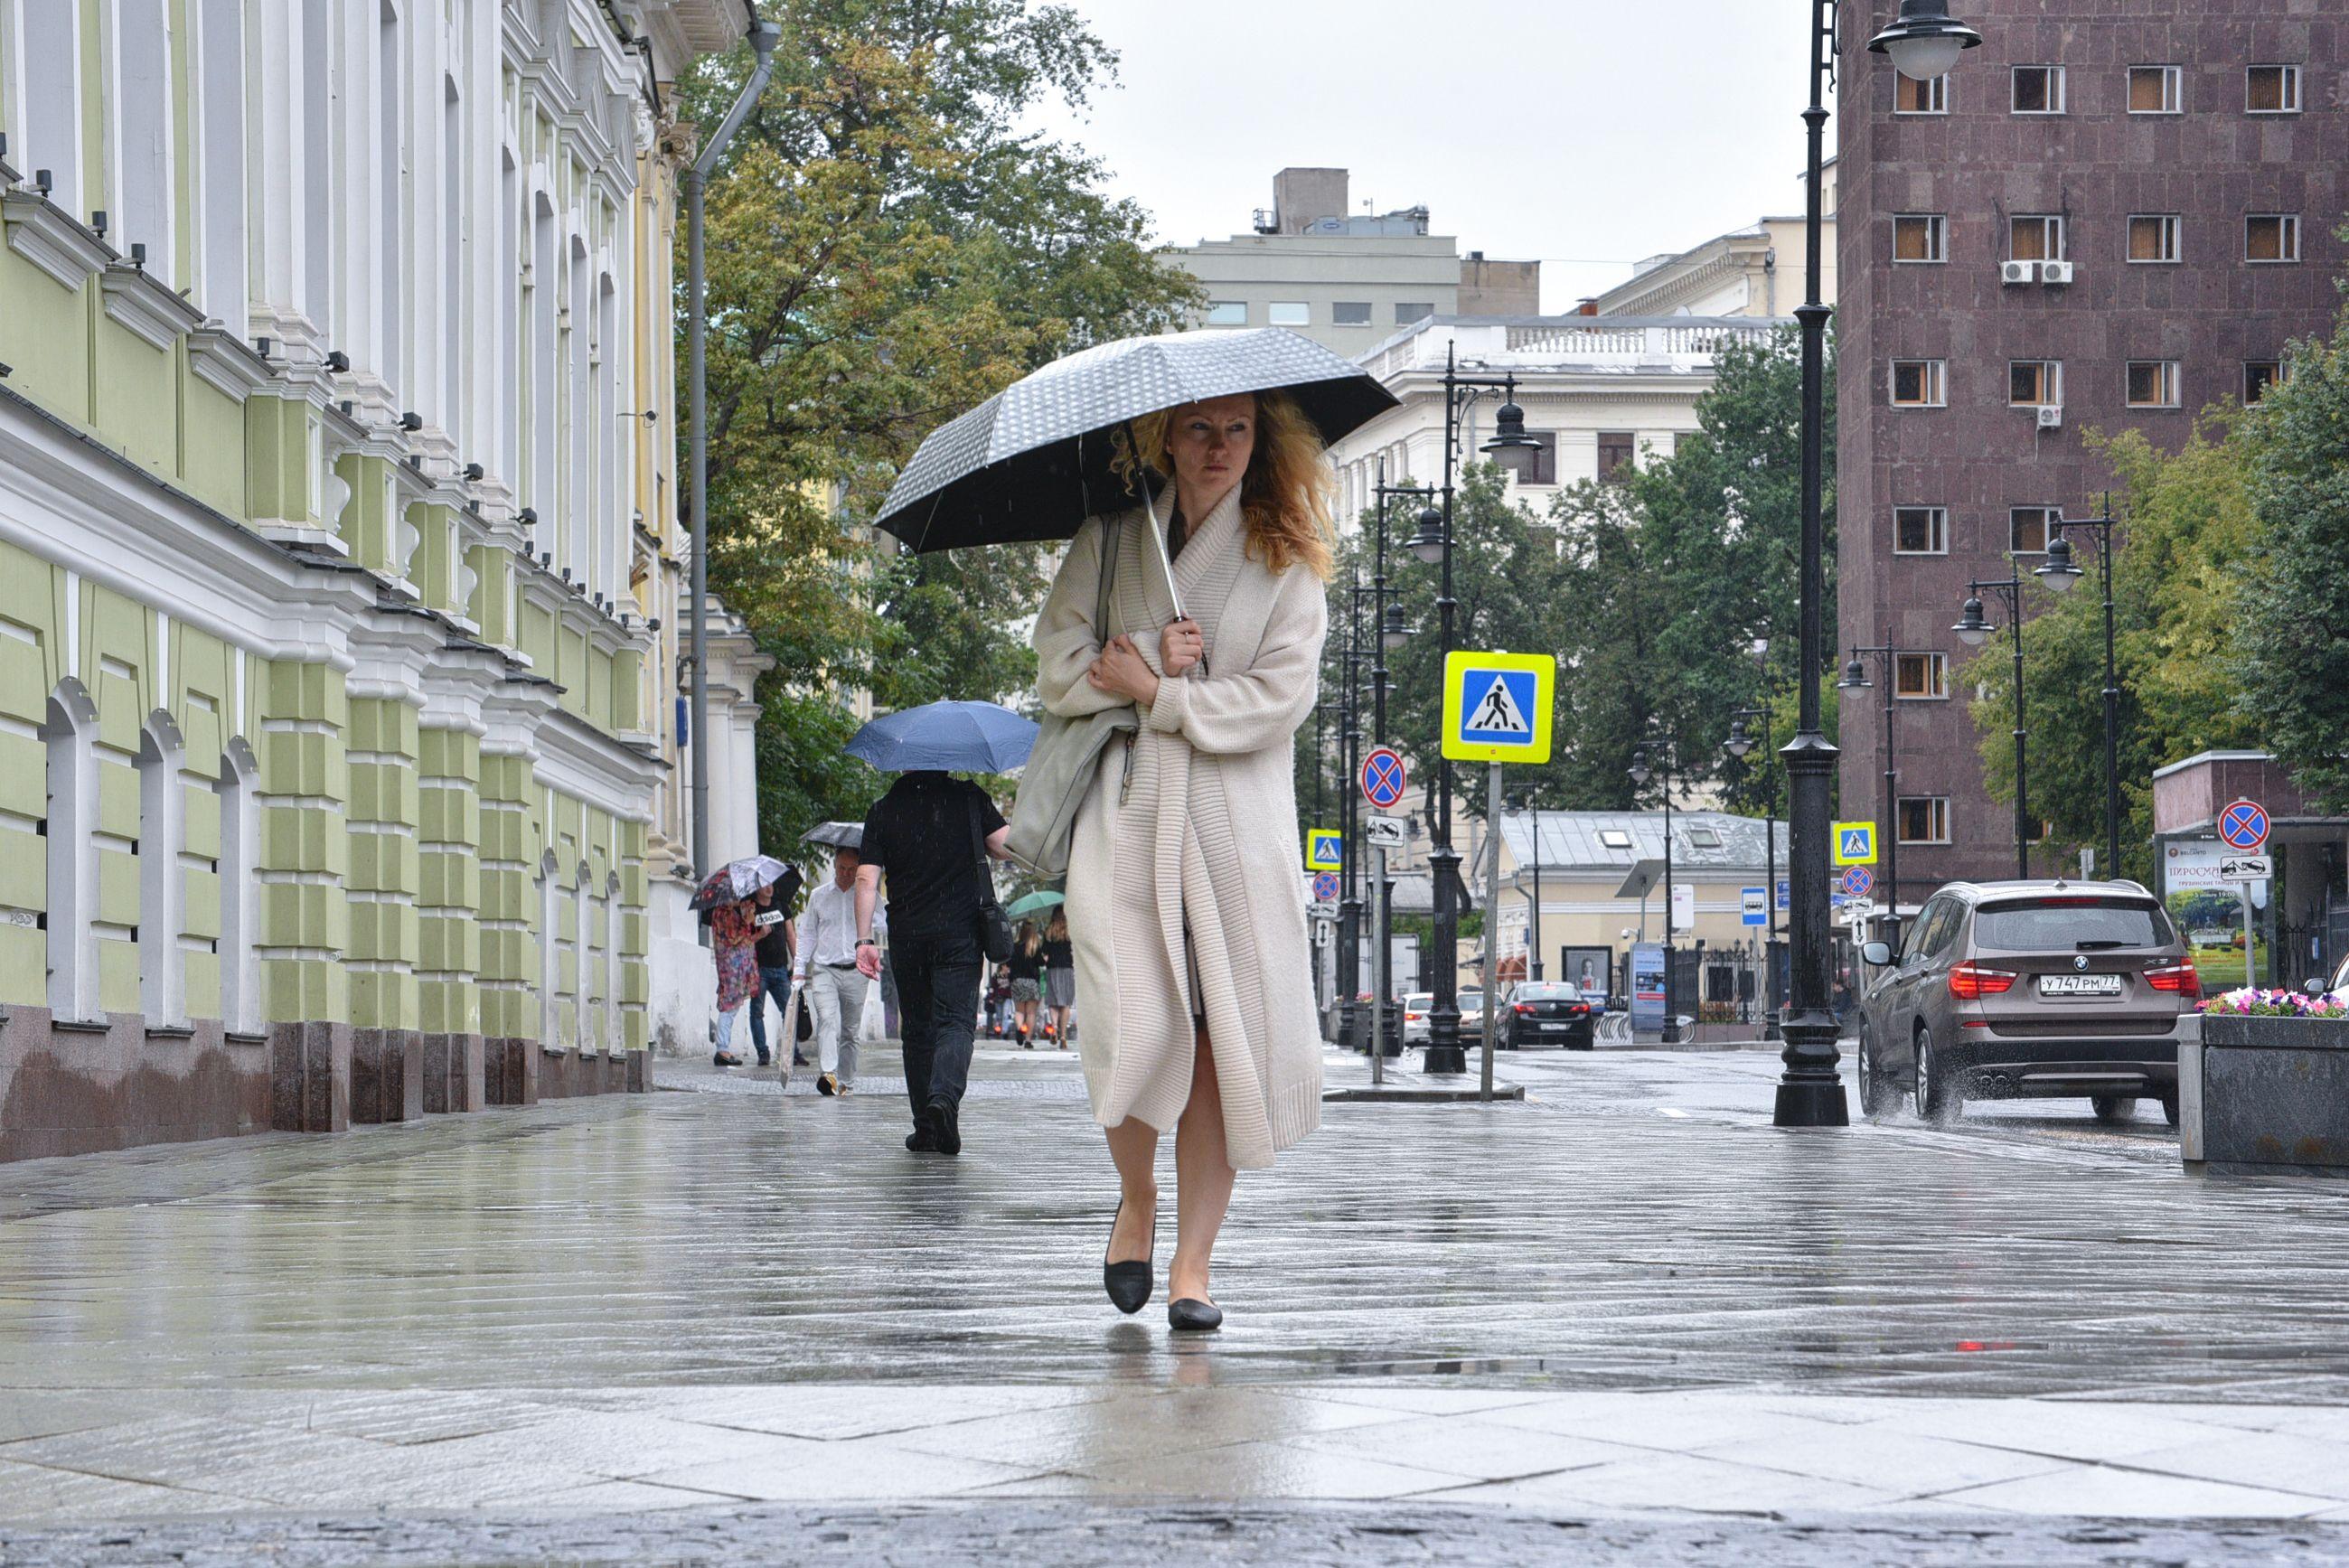 Температура составила 11 градусов. Фото: Пелагия Замятина, «Вечерняя Москва»